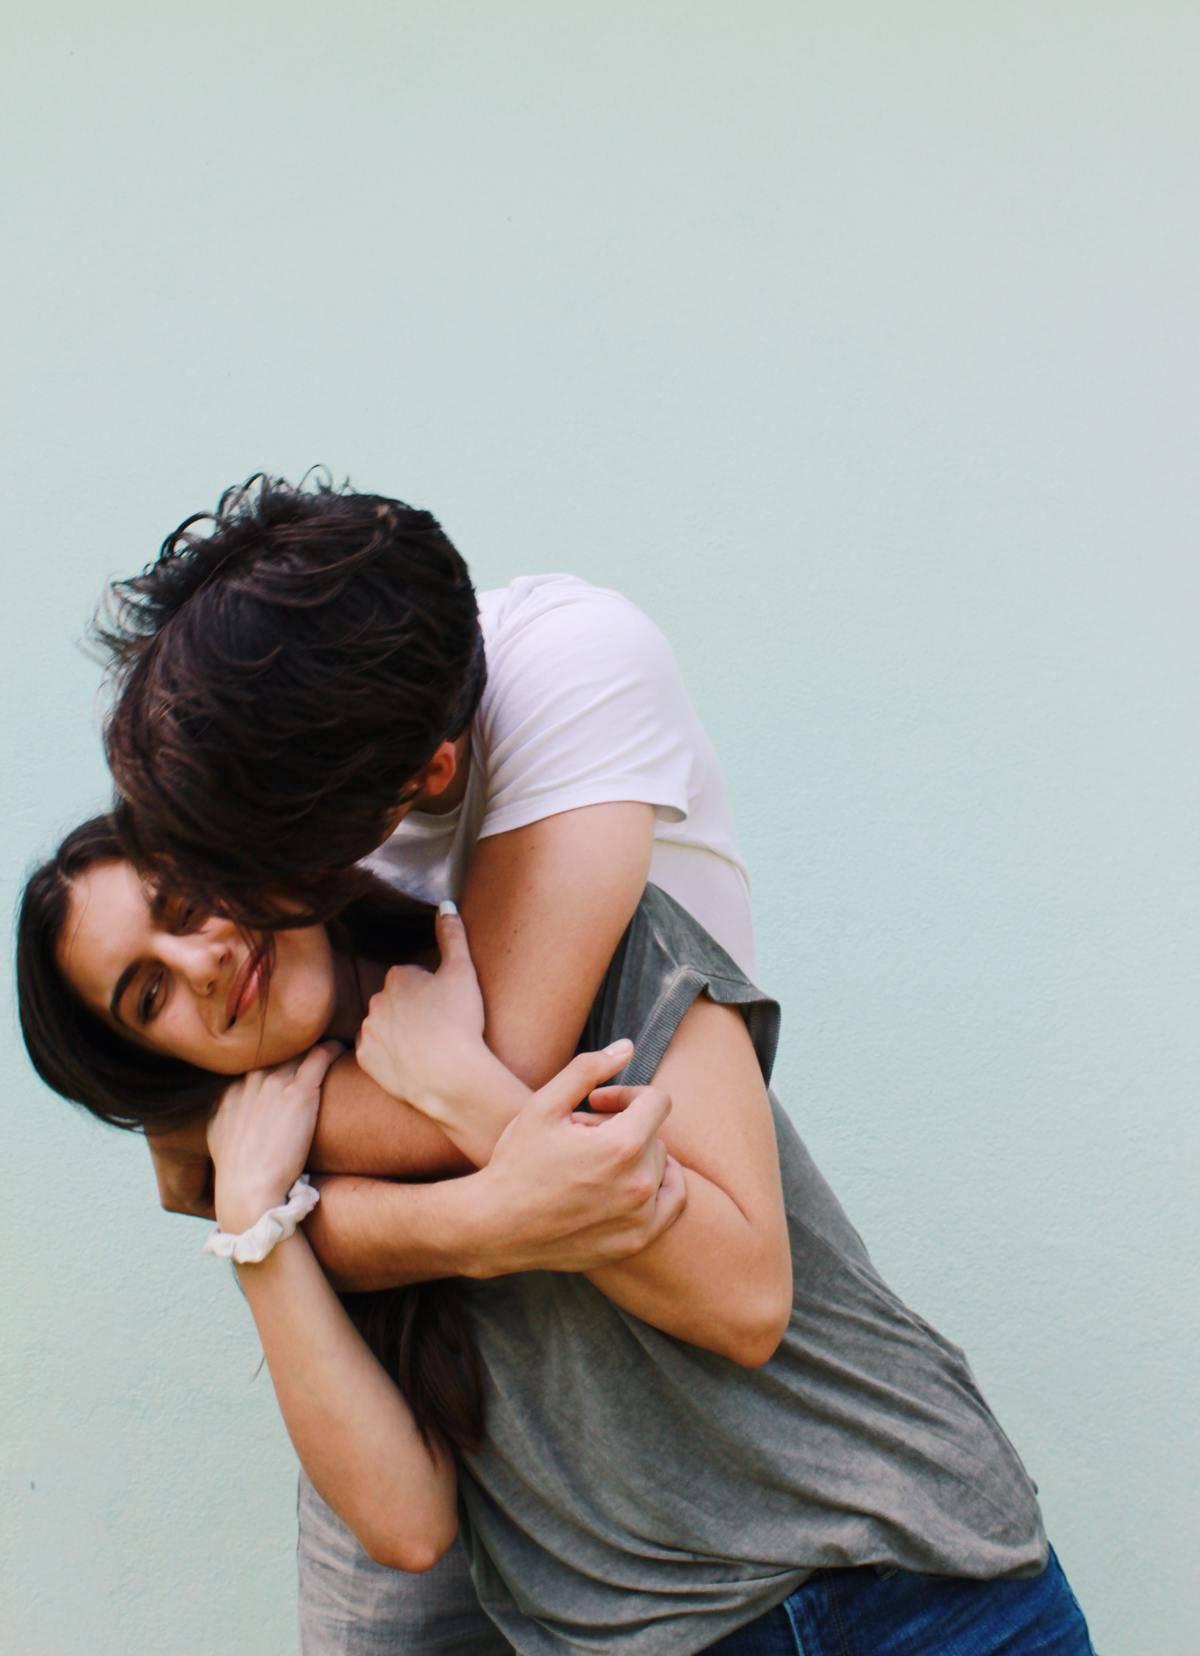 a guy giving a girl a hug and kiss